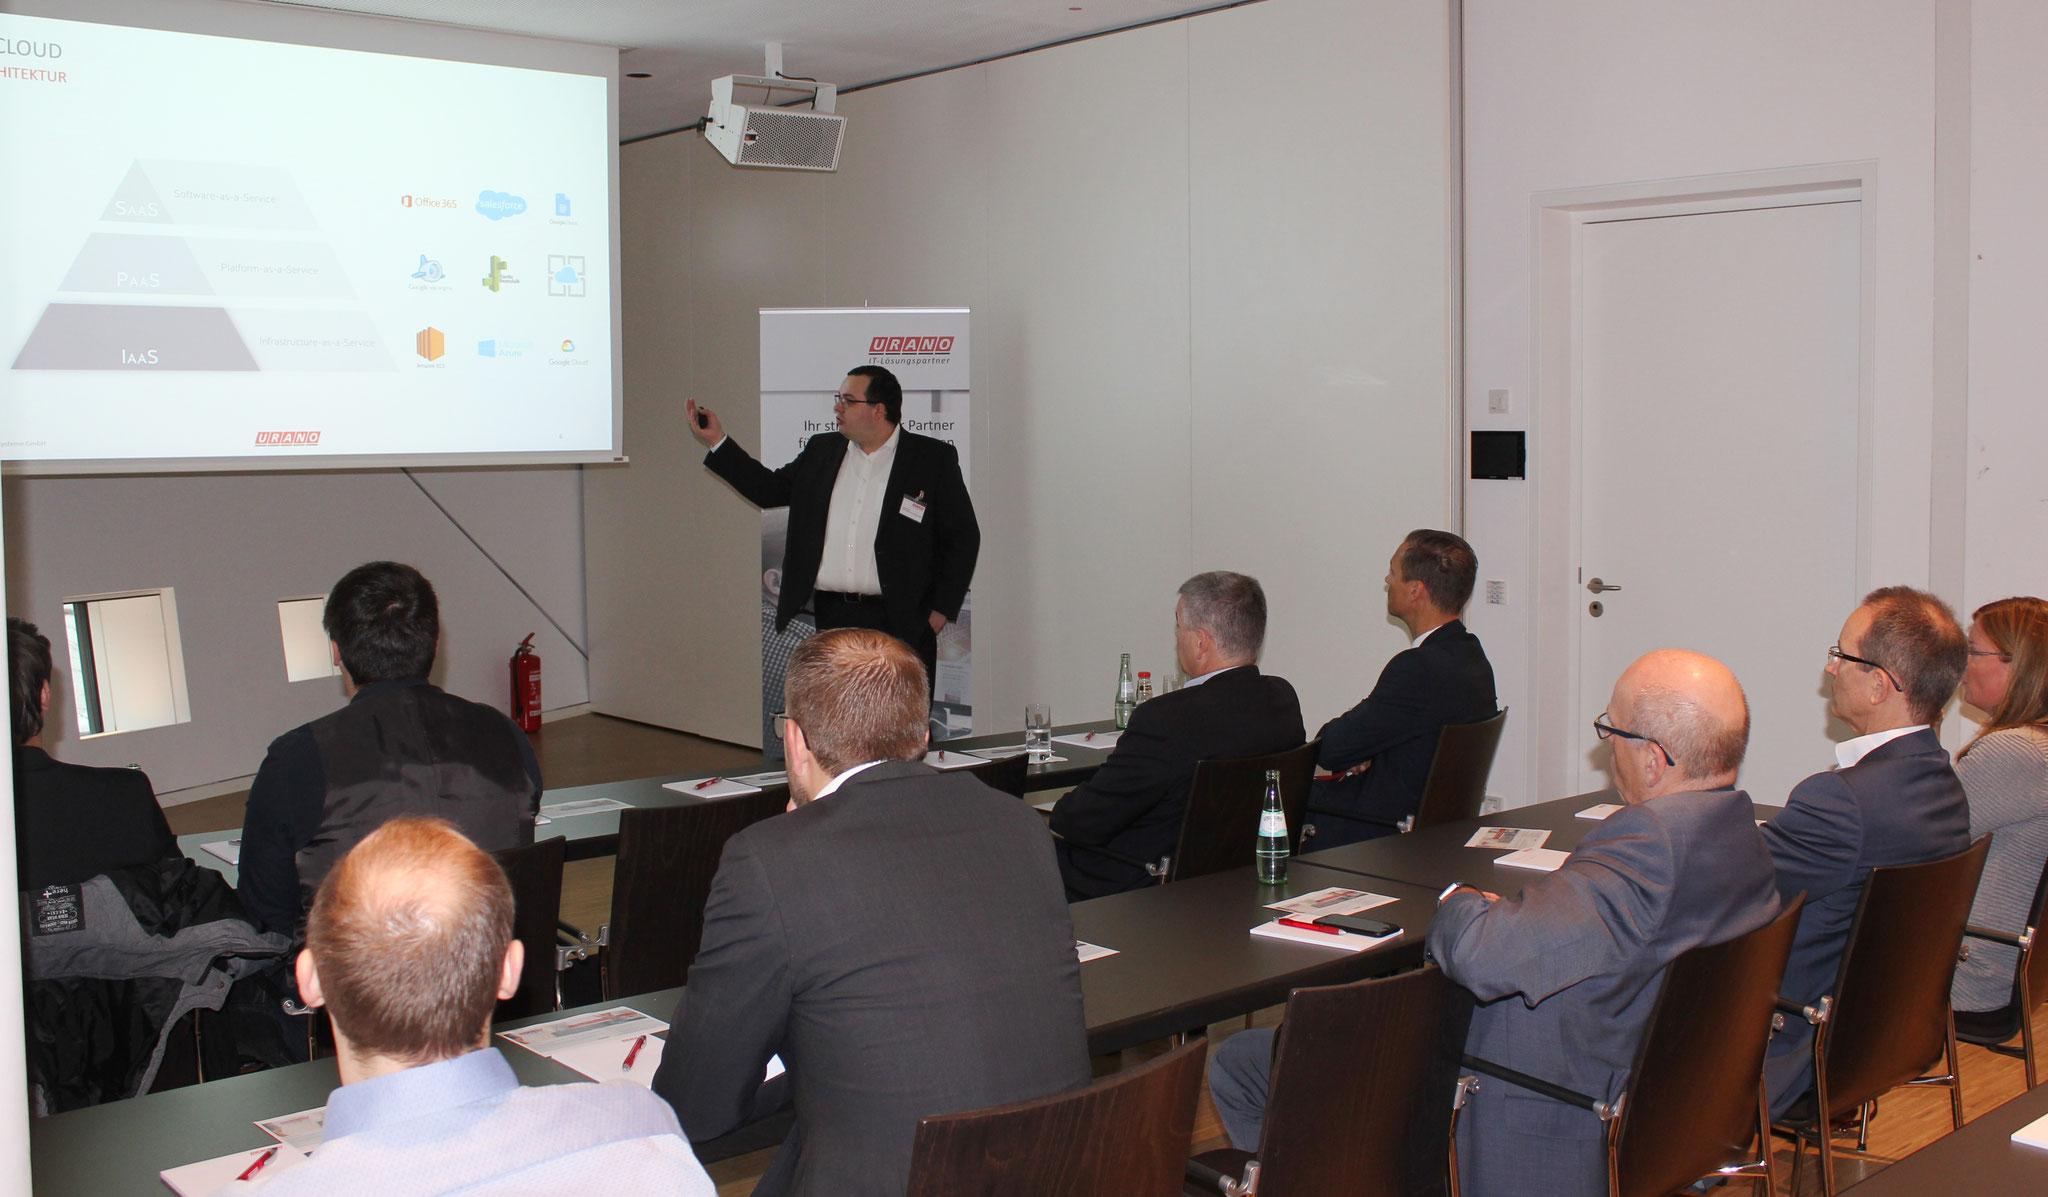 Tobias Ebbeke, Leiter Cloud Services bei URANO